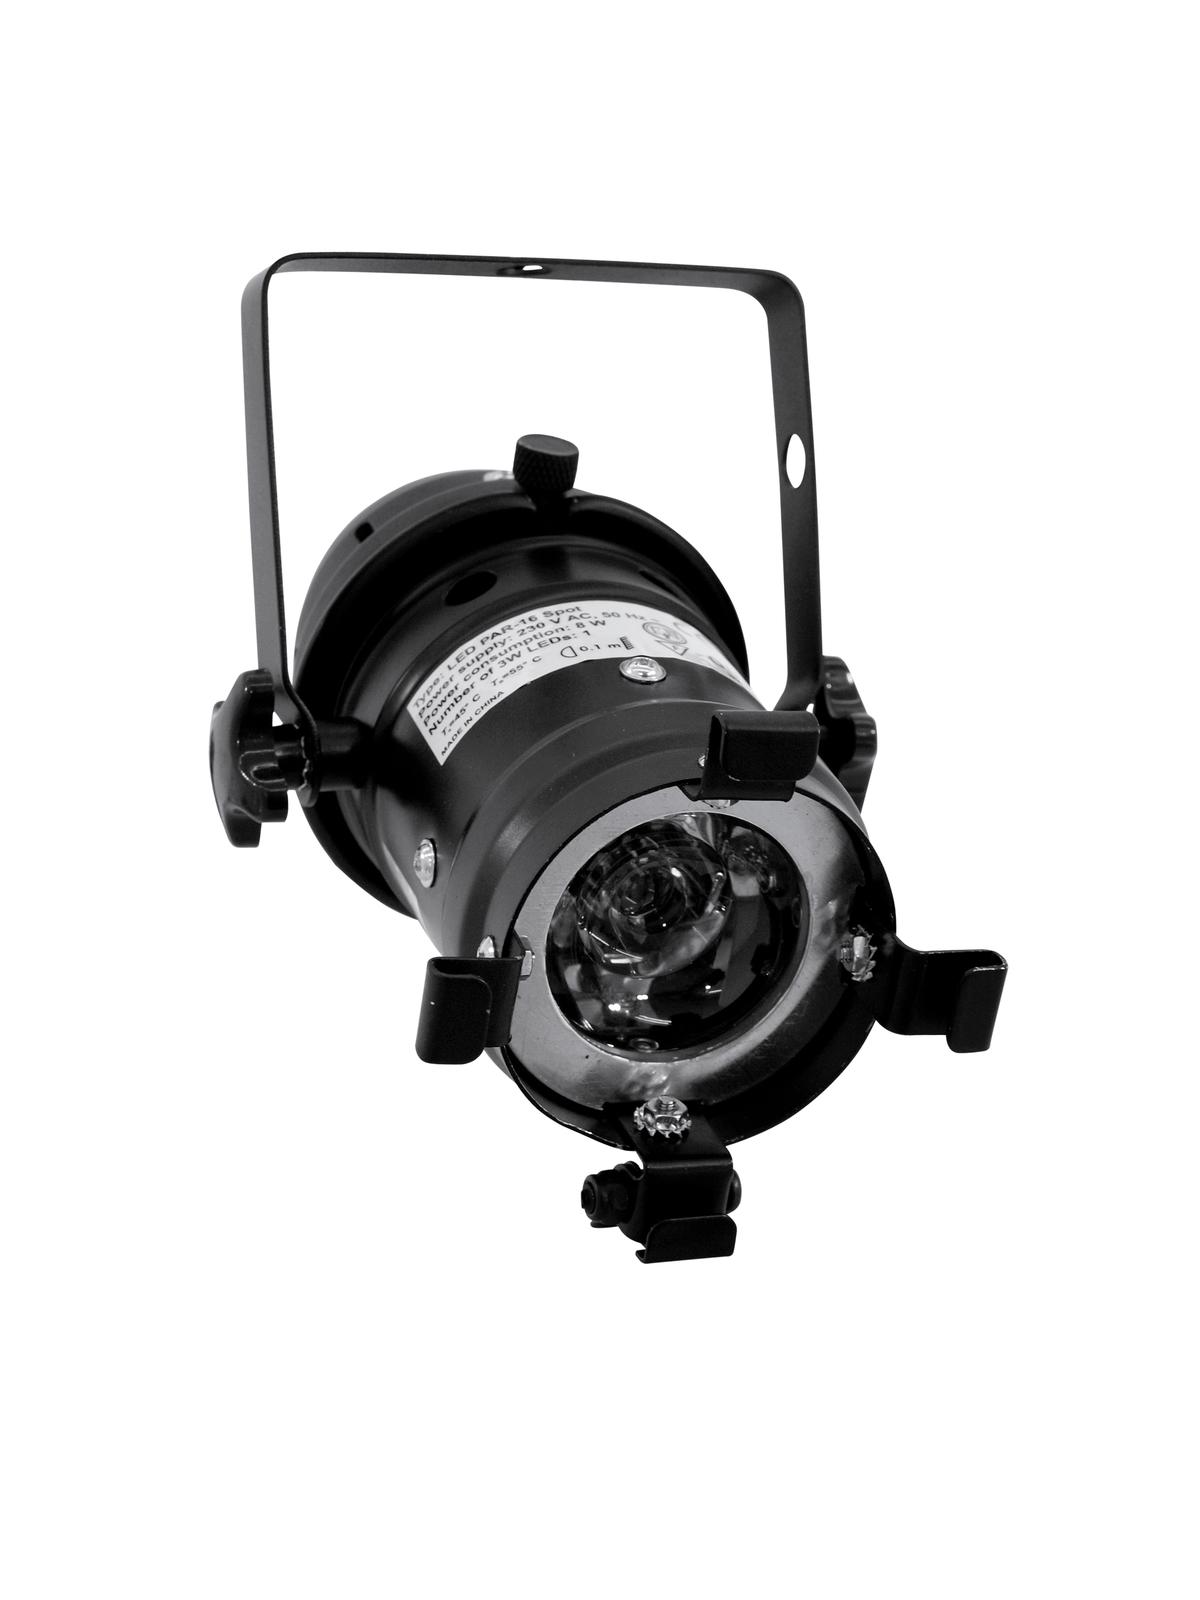 EUROLITE LED PAR-16 6500K 1x3W Spot bk